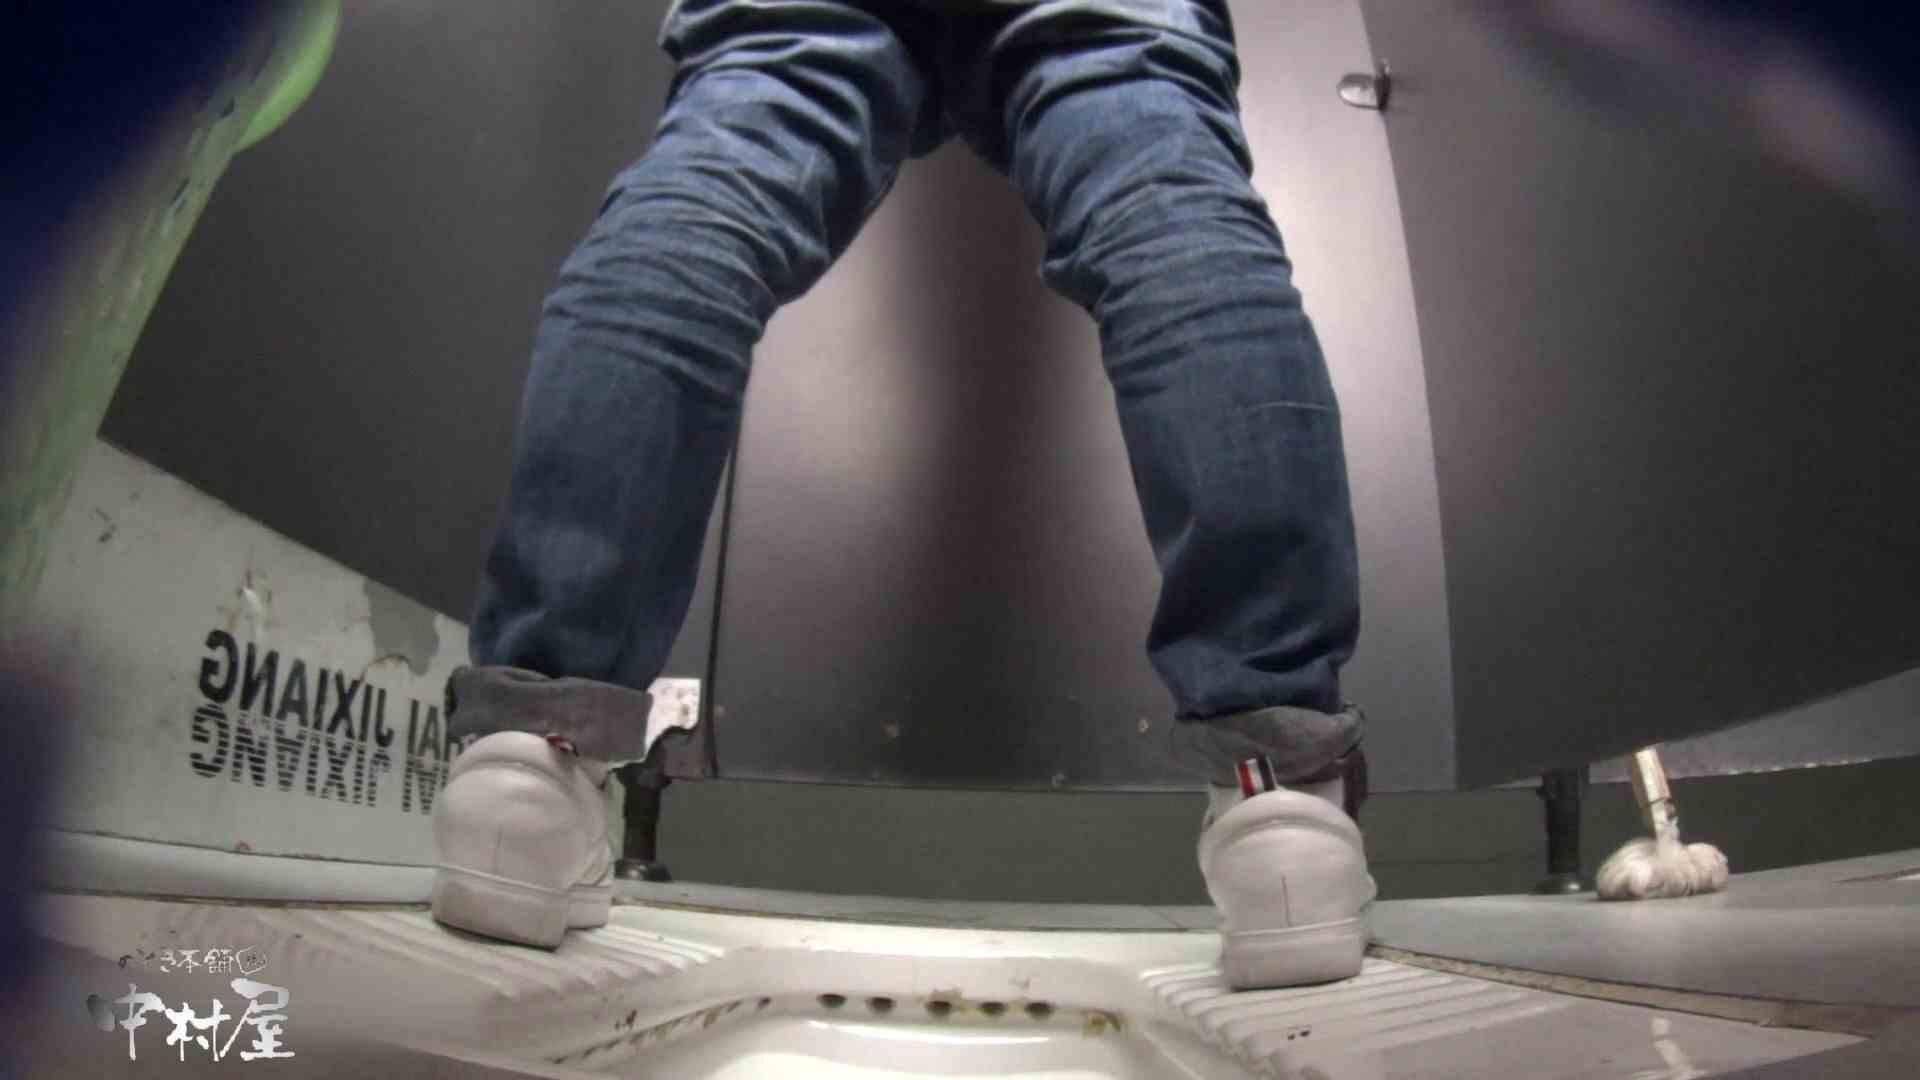 グレースパッツお女市さん 大学休憩時間の洗面所事情31 洗面所編 すけべAV動画紹介 96PIX 10